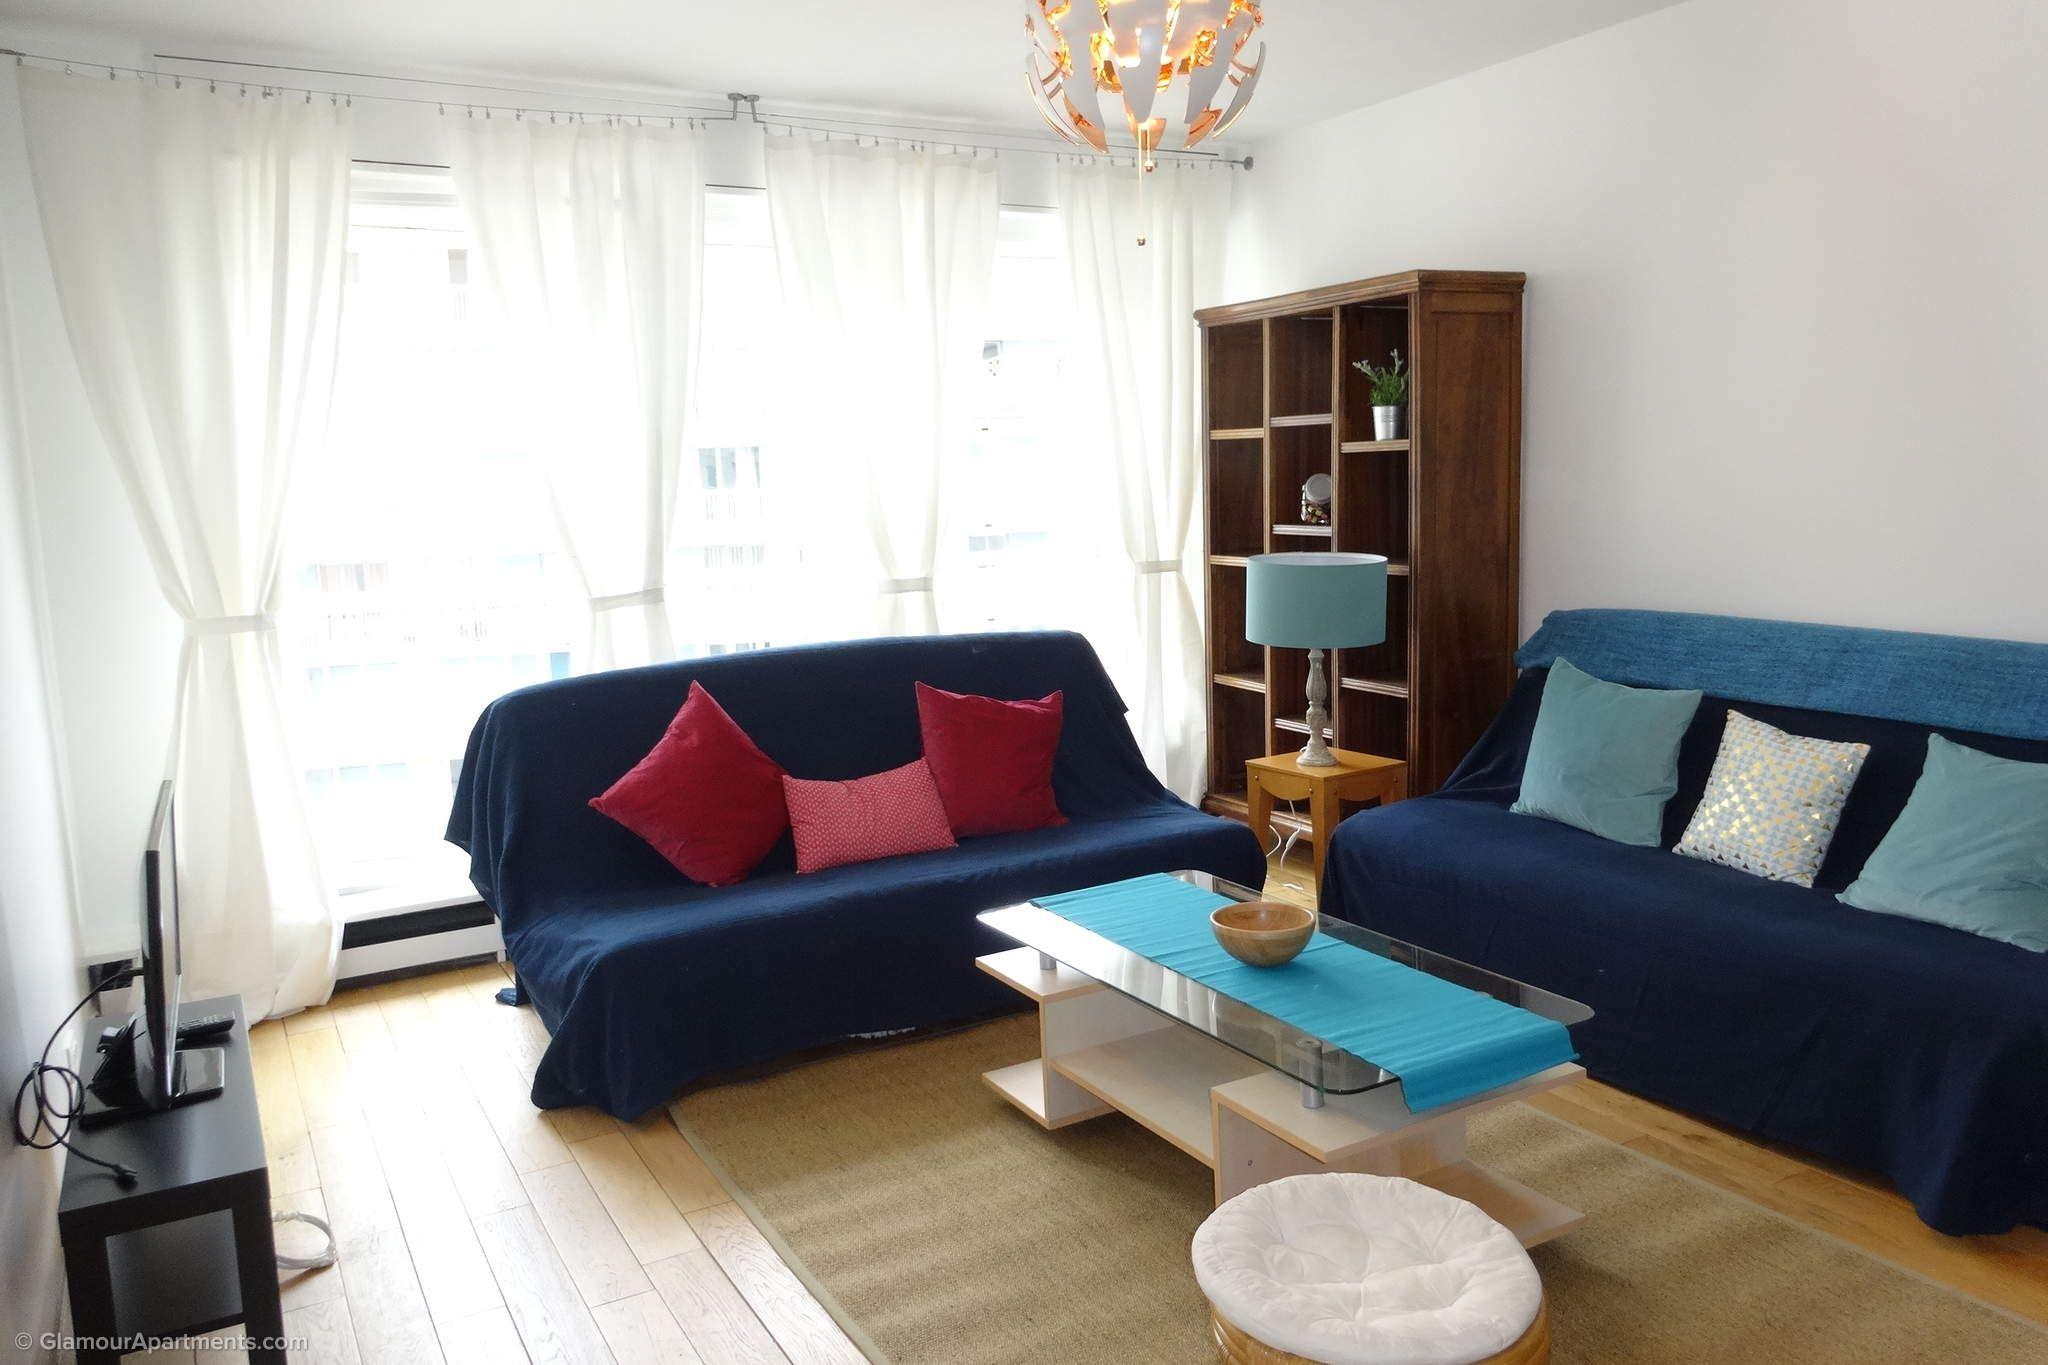 1bedroom furnished apartment for rent at Rue de la